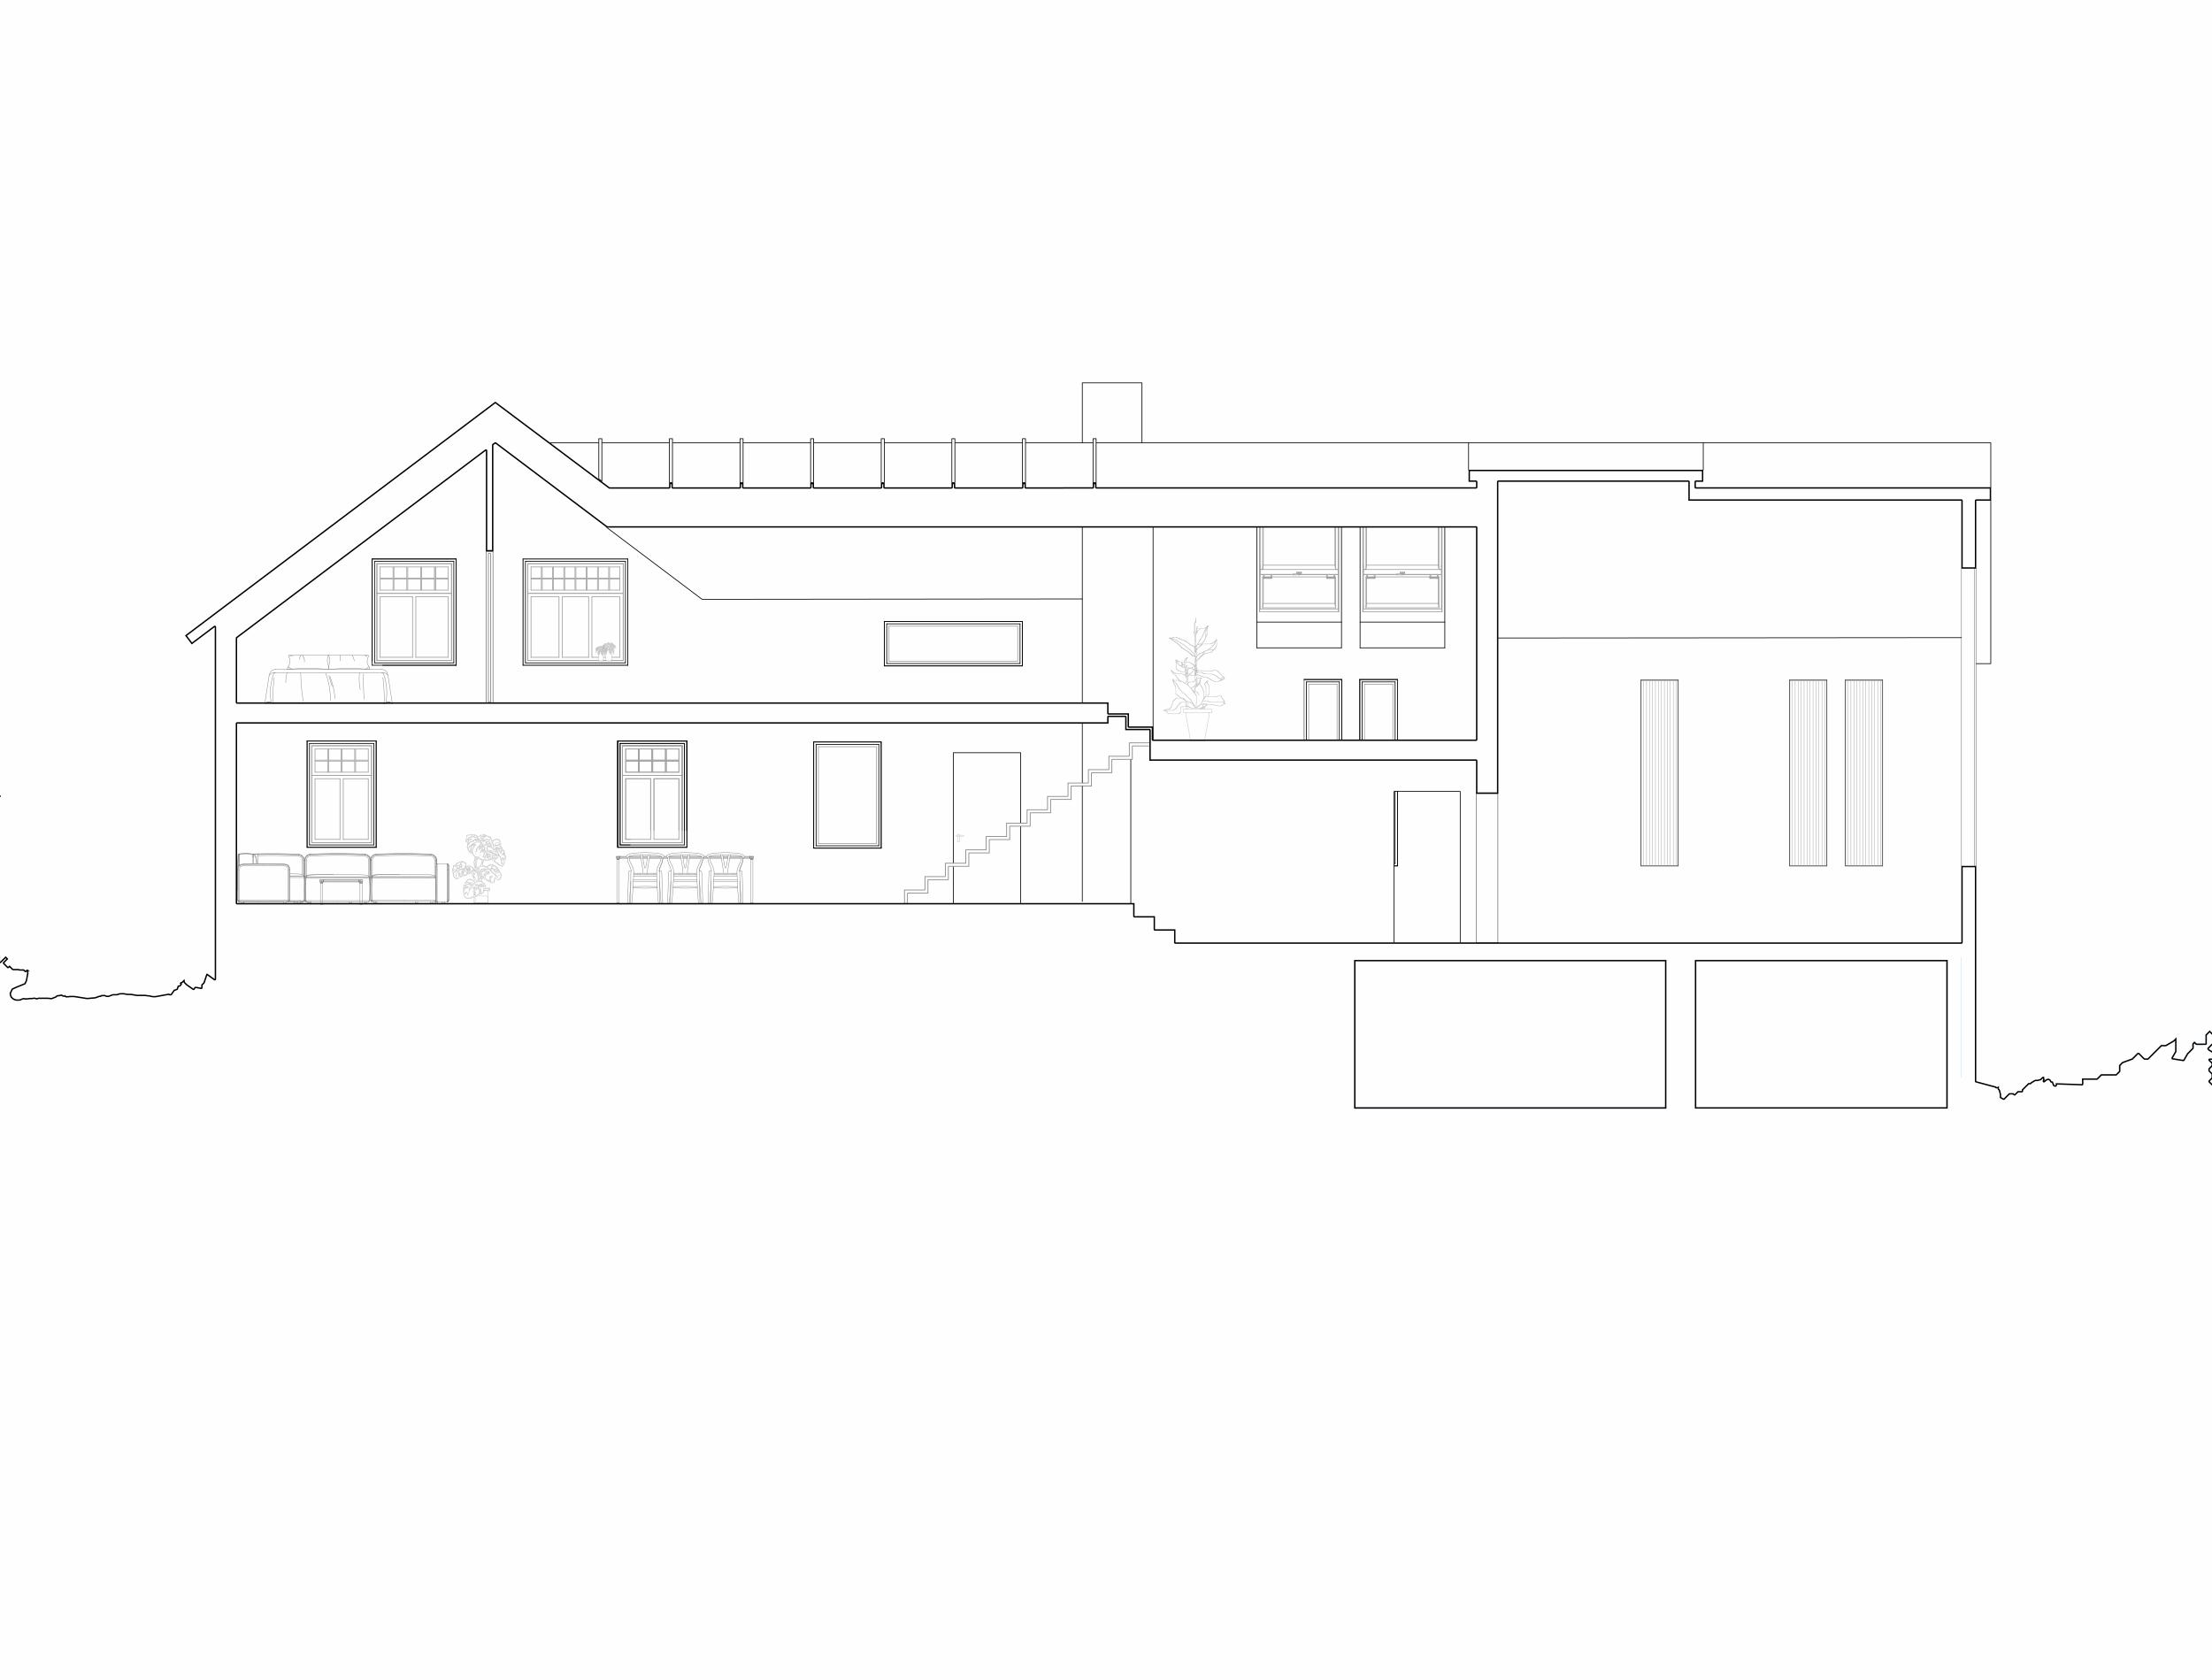 Forunderlig Arkitektur - 1601 - Langsnitt